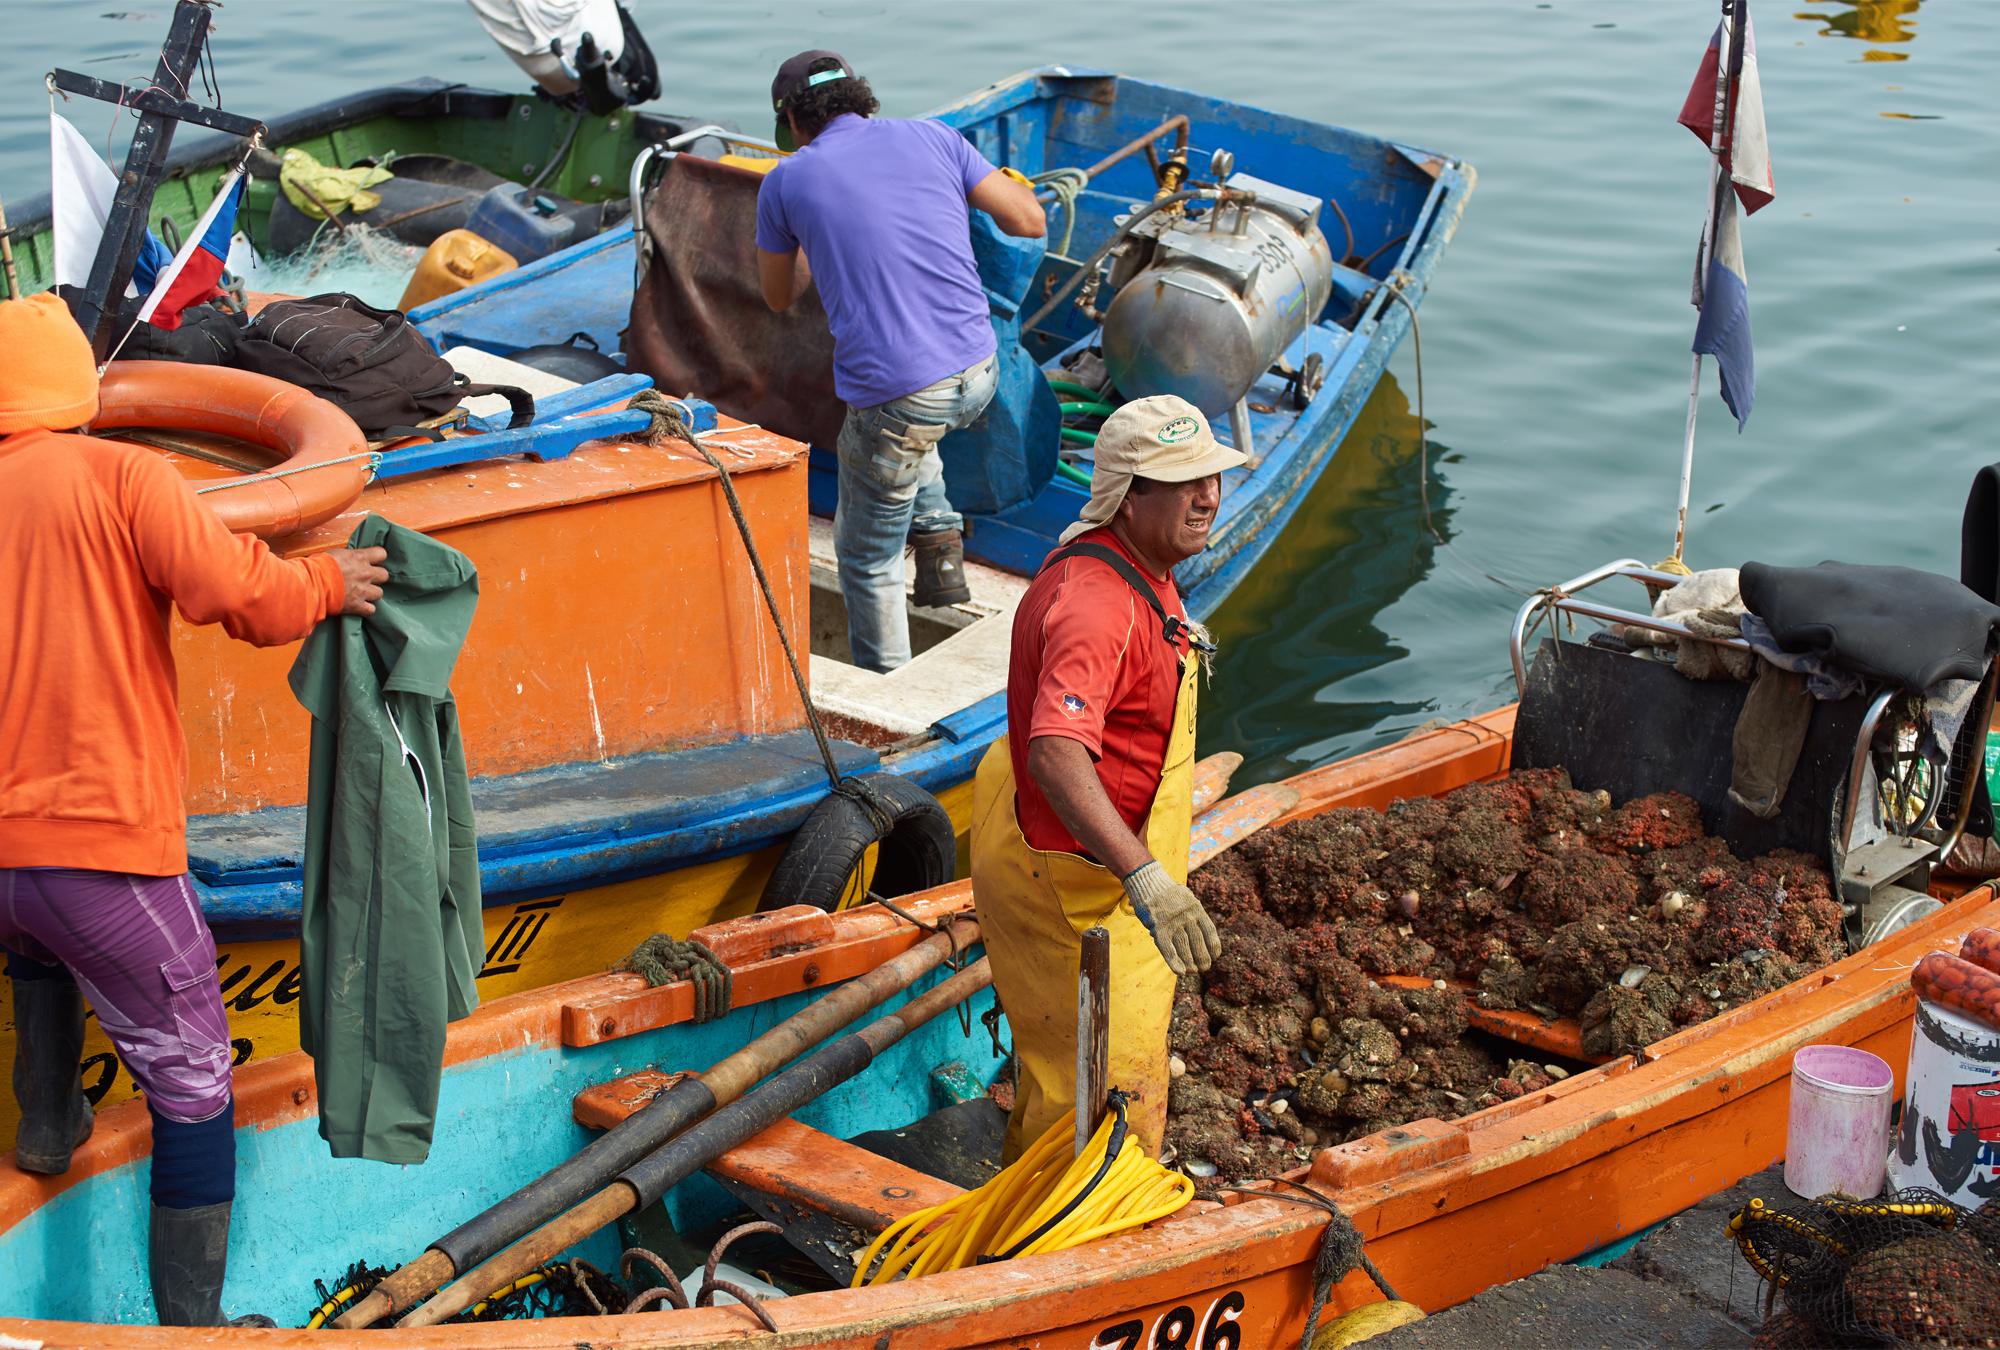 Fishermen in boats.